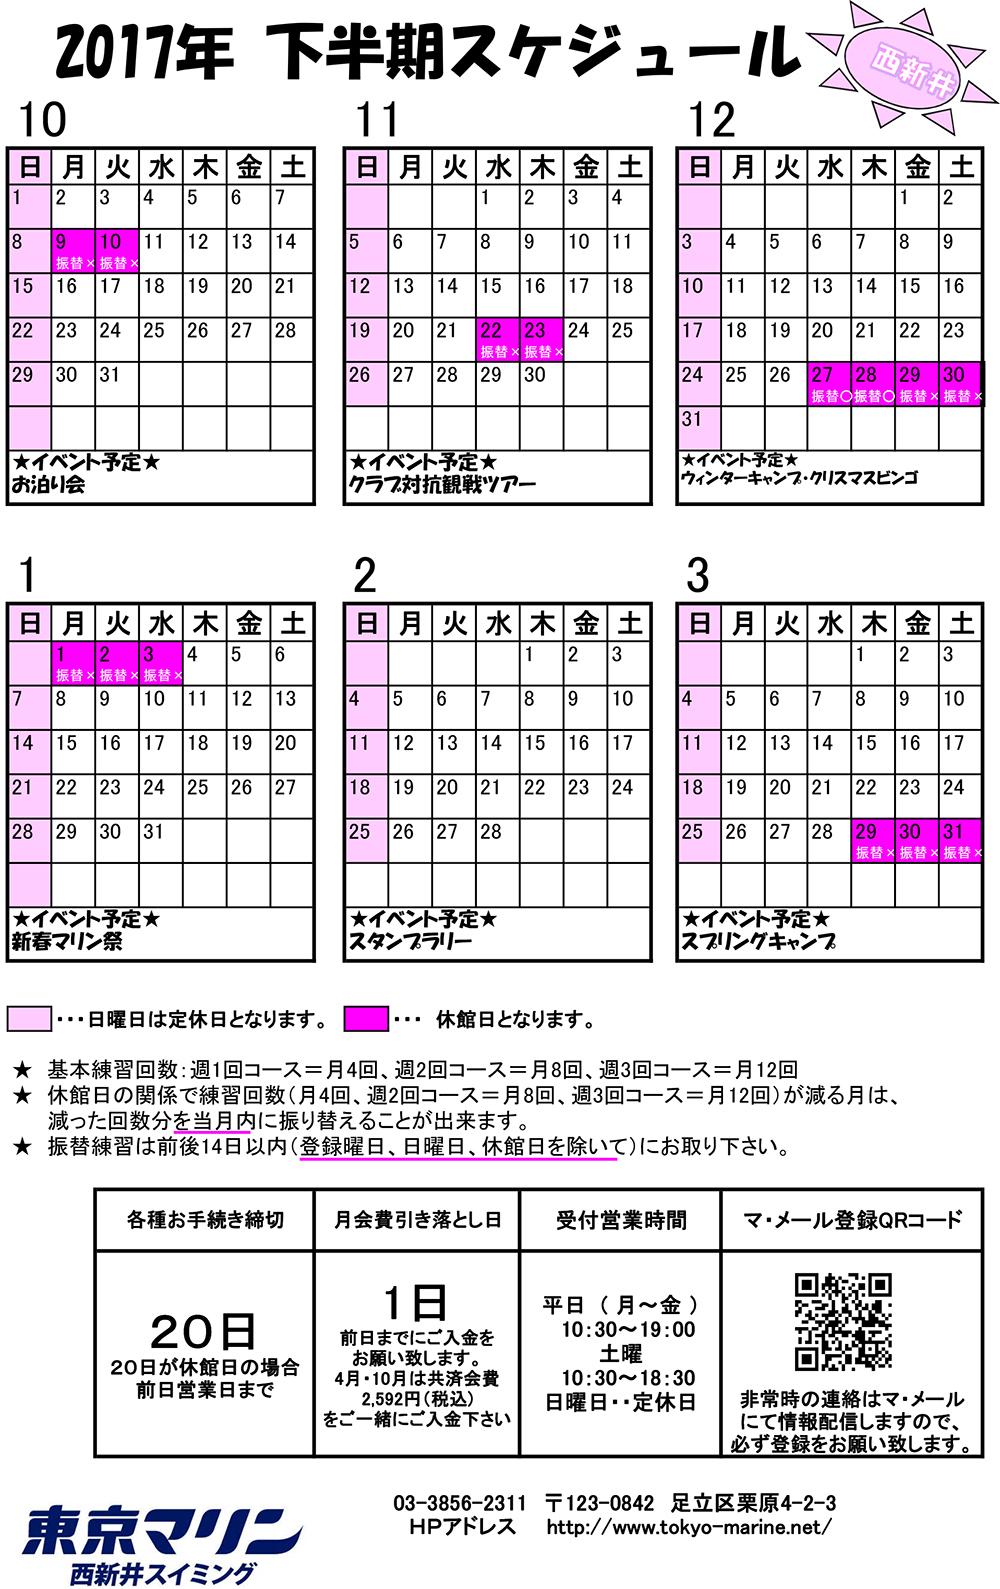 「2015年度上半期スケジュール」掲載!!